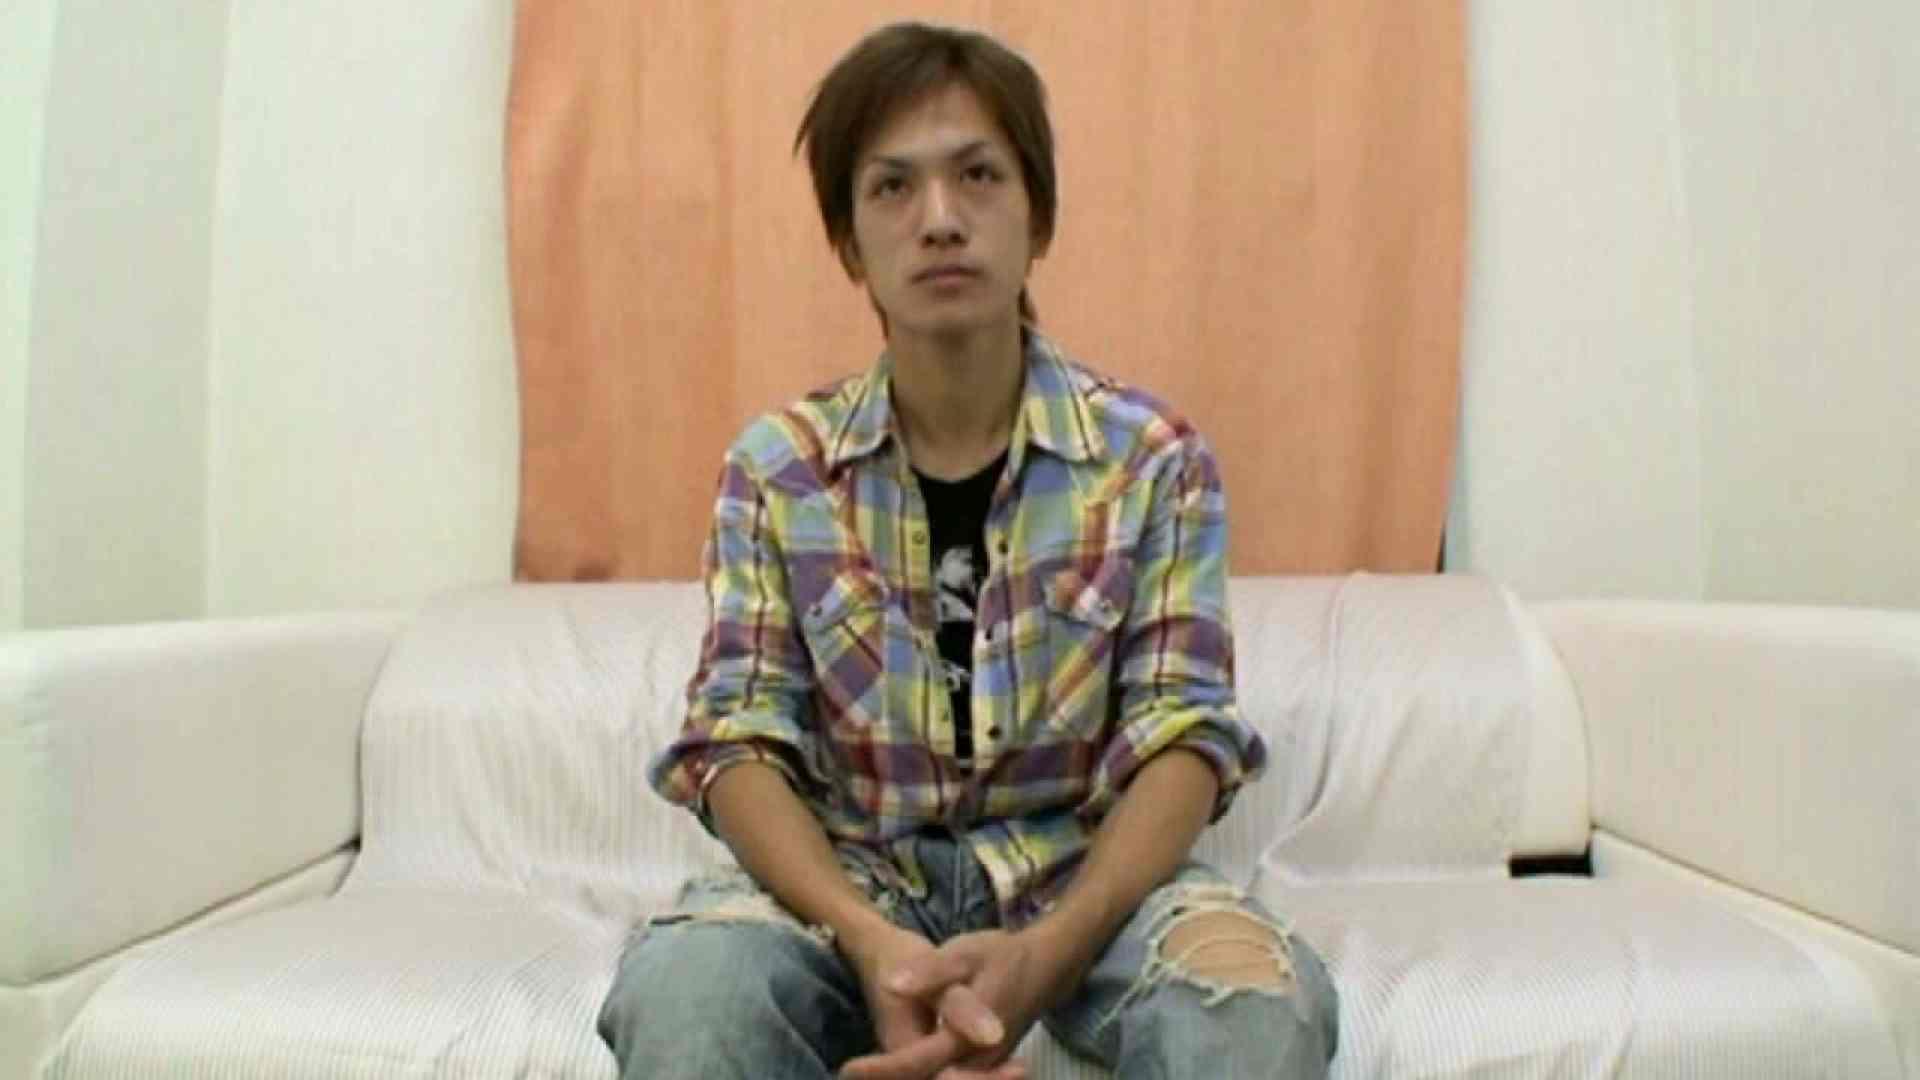 ノンケ!自慰スタジオ No.03 ゲイのオナニー映像   男祭り  89枚 45